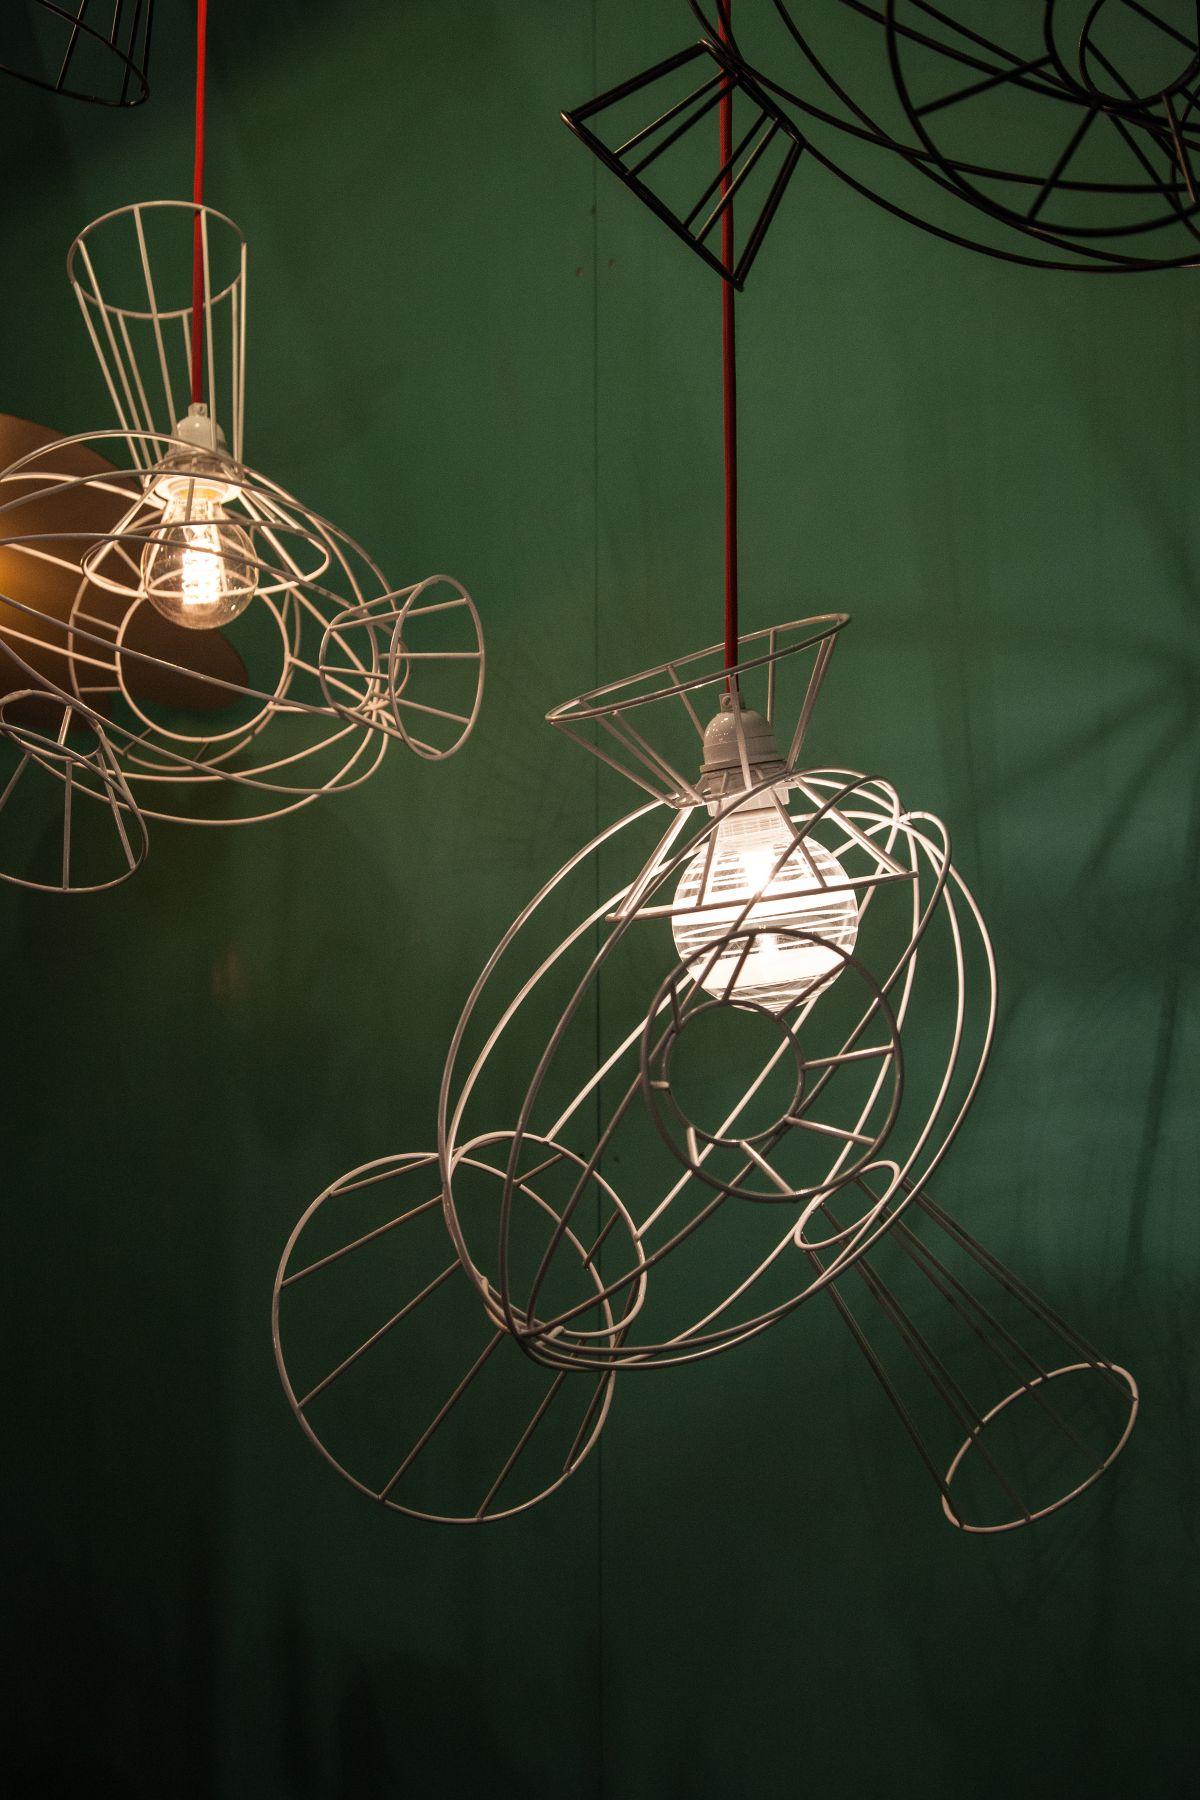 challiere wire 2